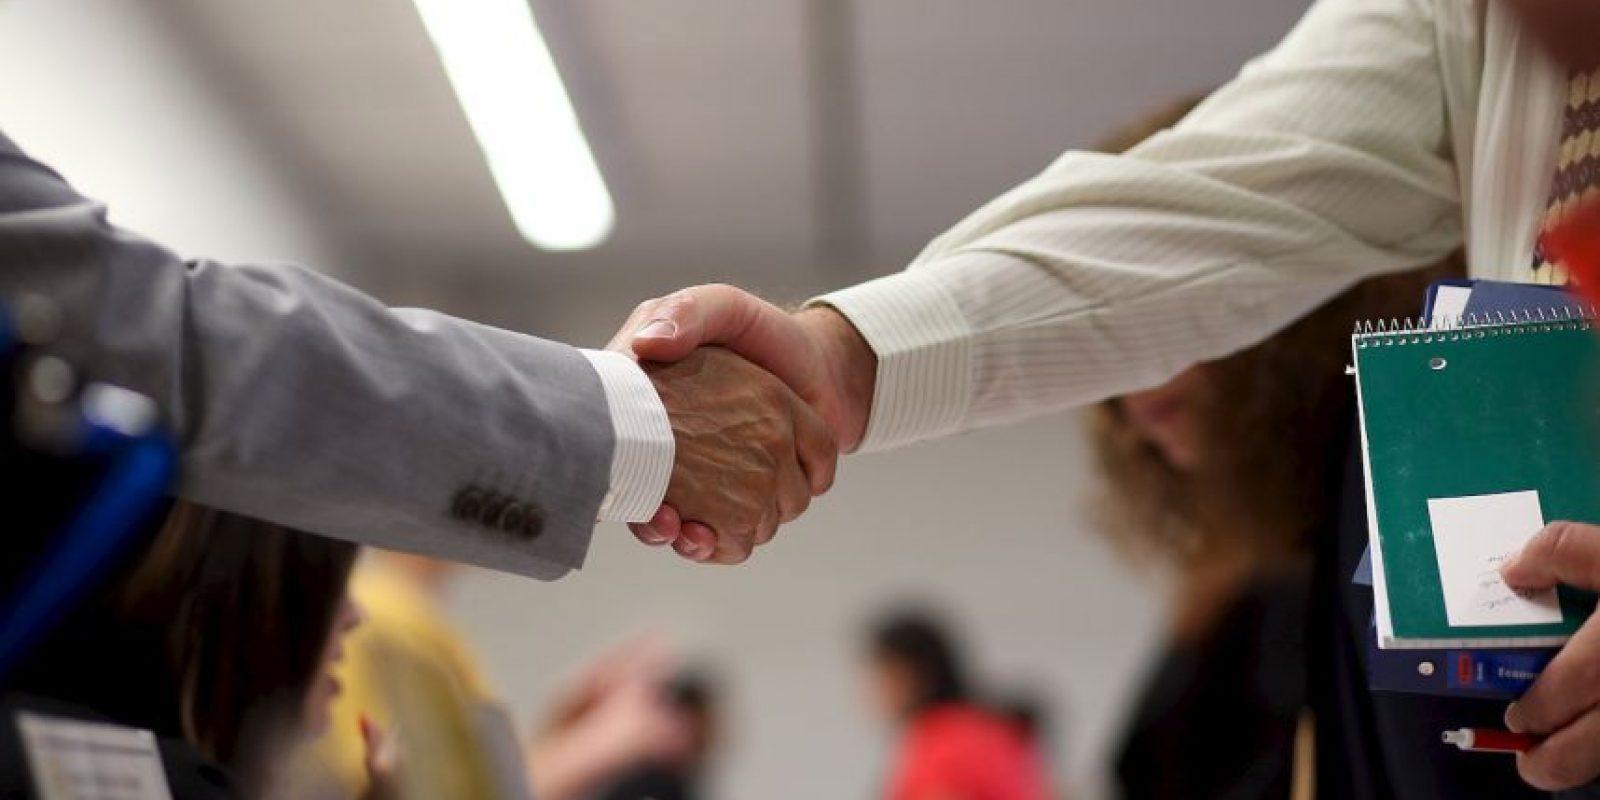 6. Entrevista: Este espacio es el ideal para demostrar sus capacidades al reclutador y ser quien se quede con el empleo. Foto:Getty Images